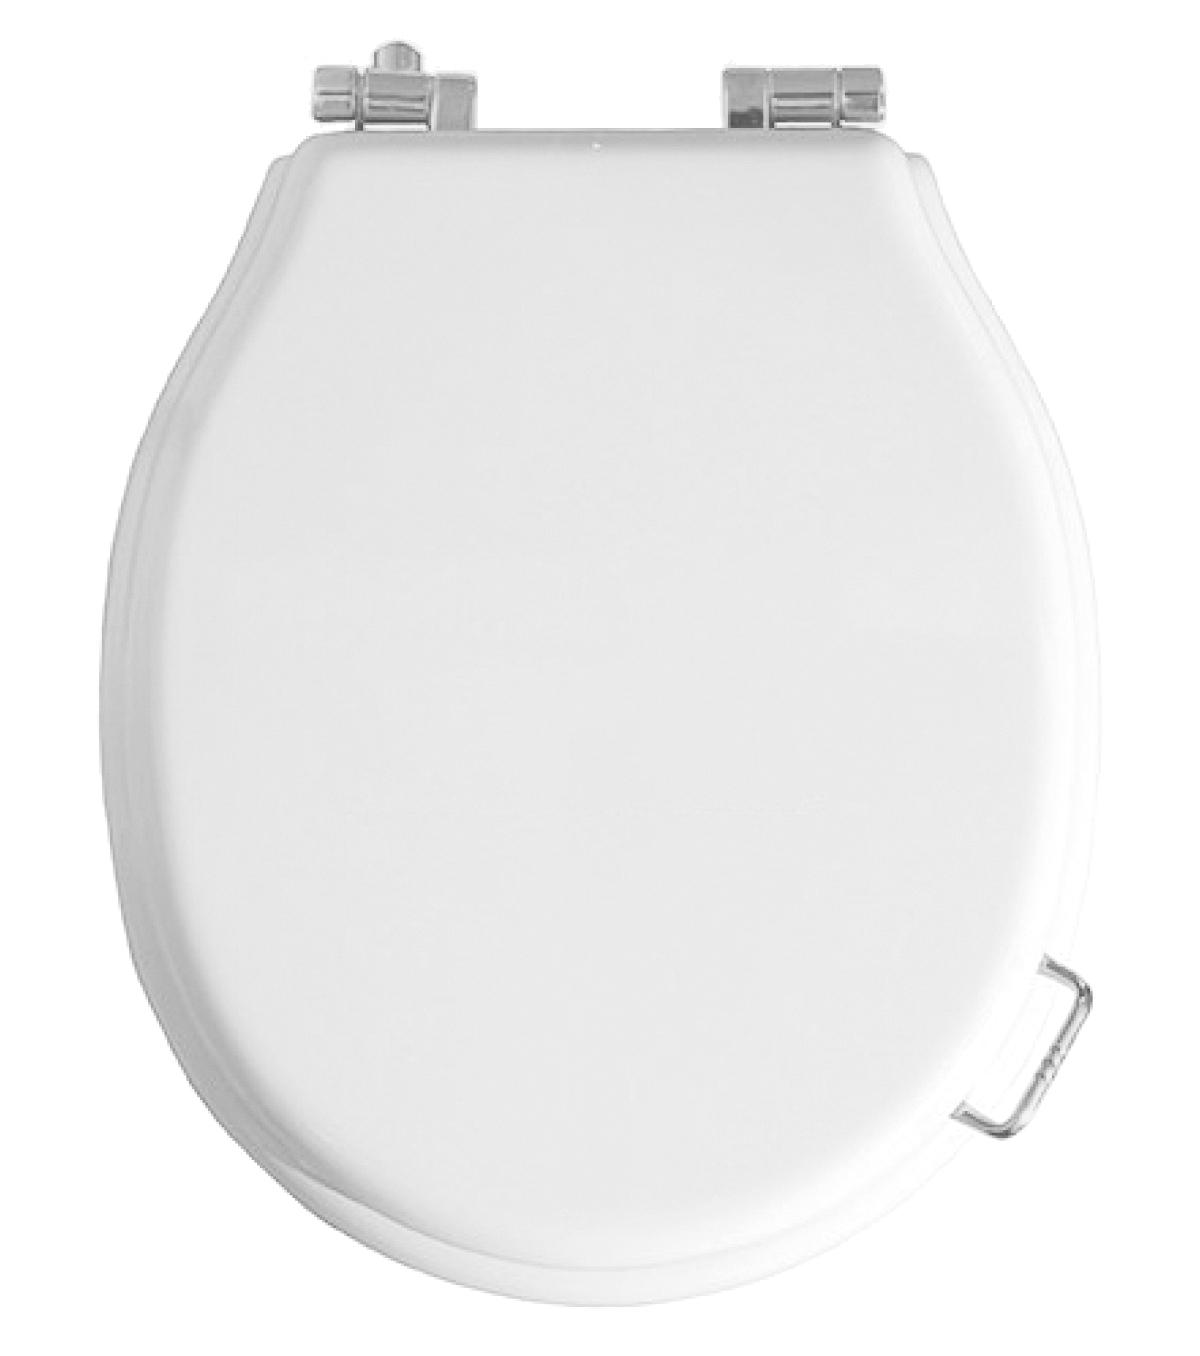 Сиденье для унитаза микролифт, белое петли хром